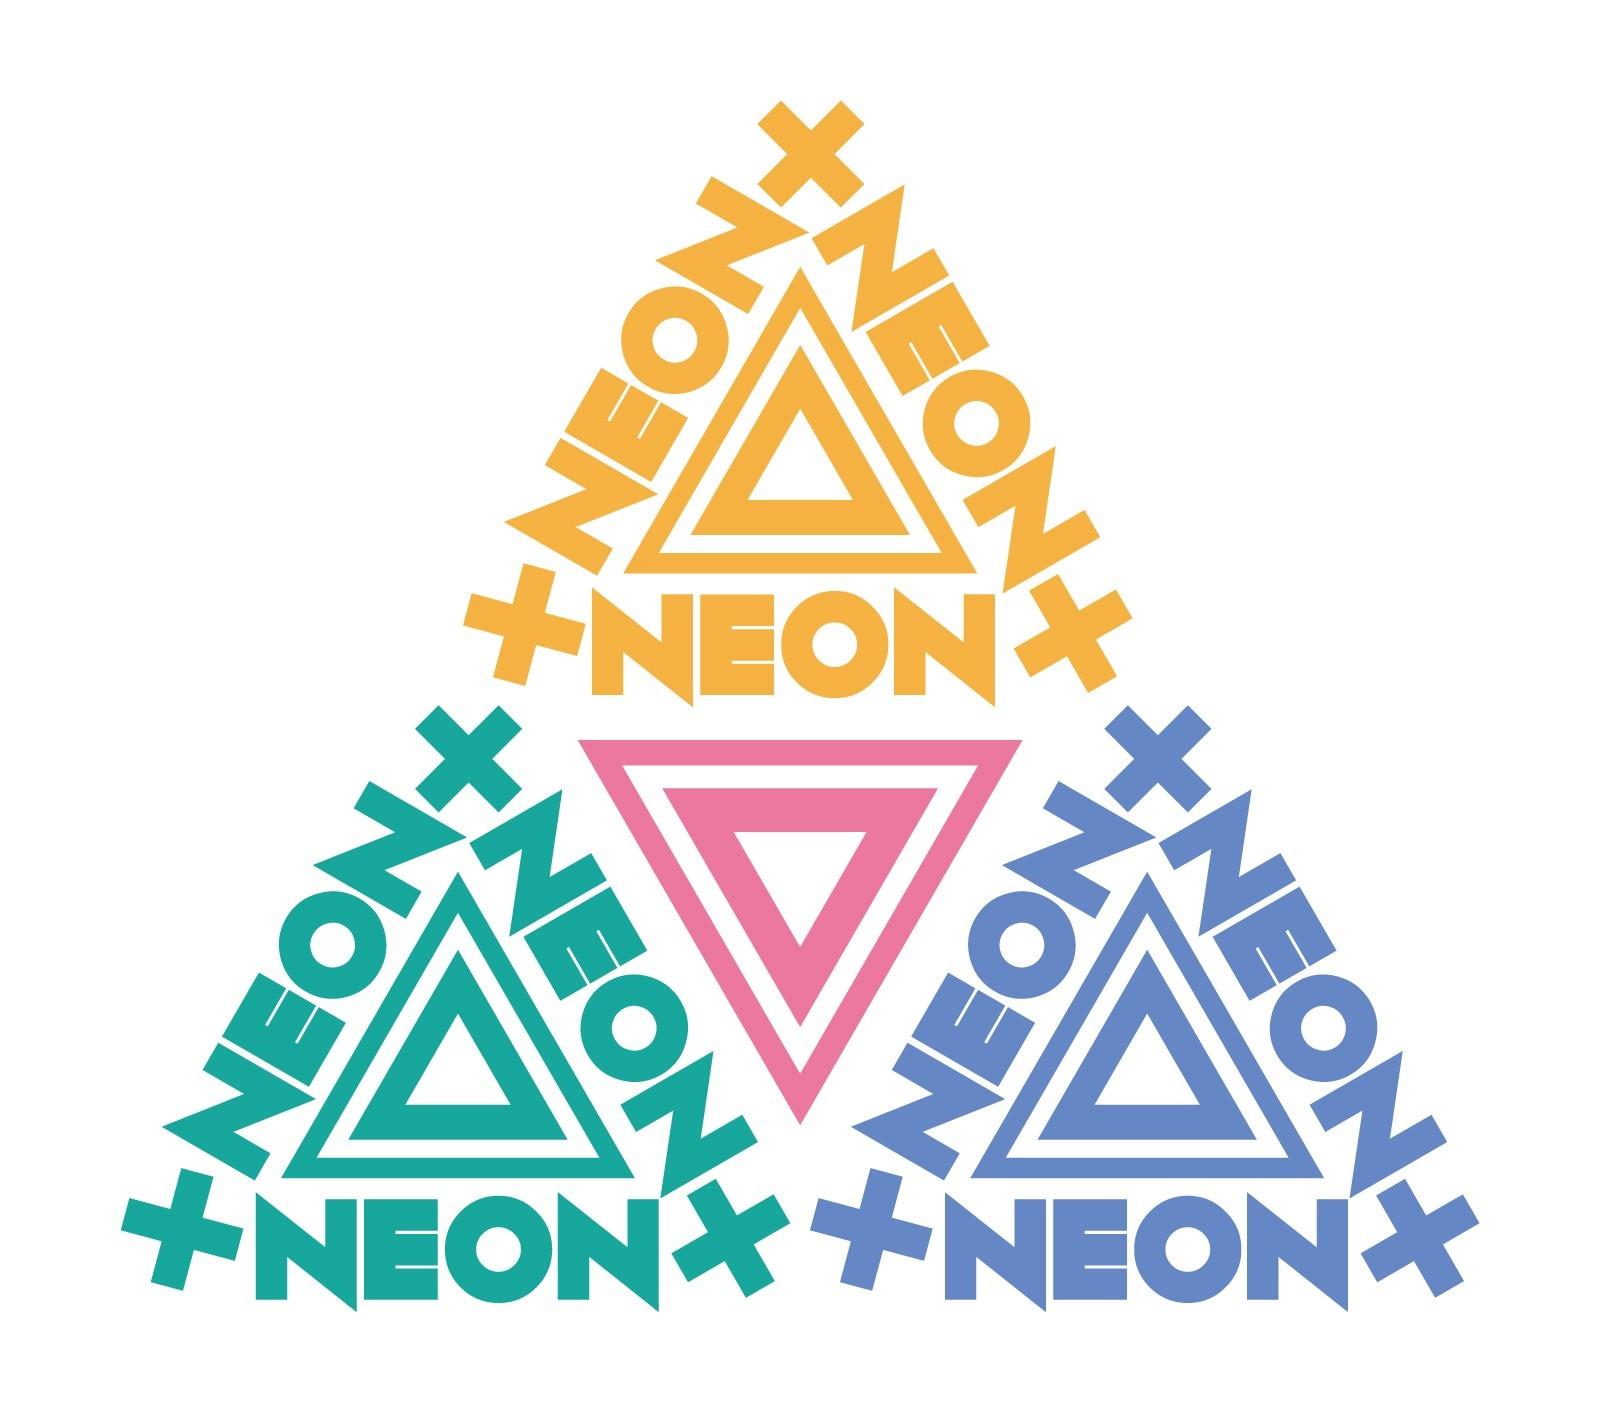 2018年5月29日(火)「NEON×NEON×NEON」